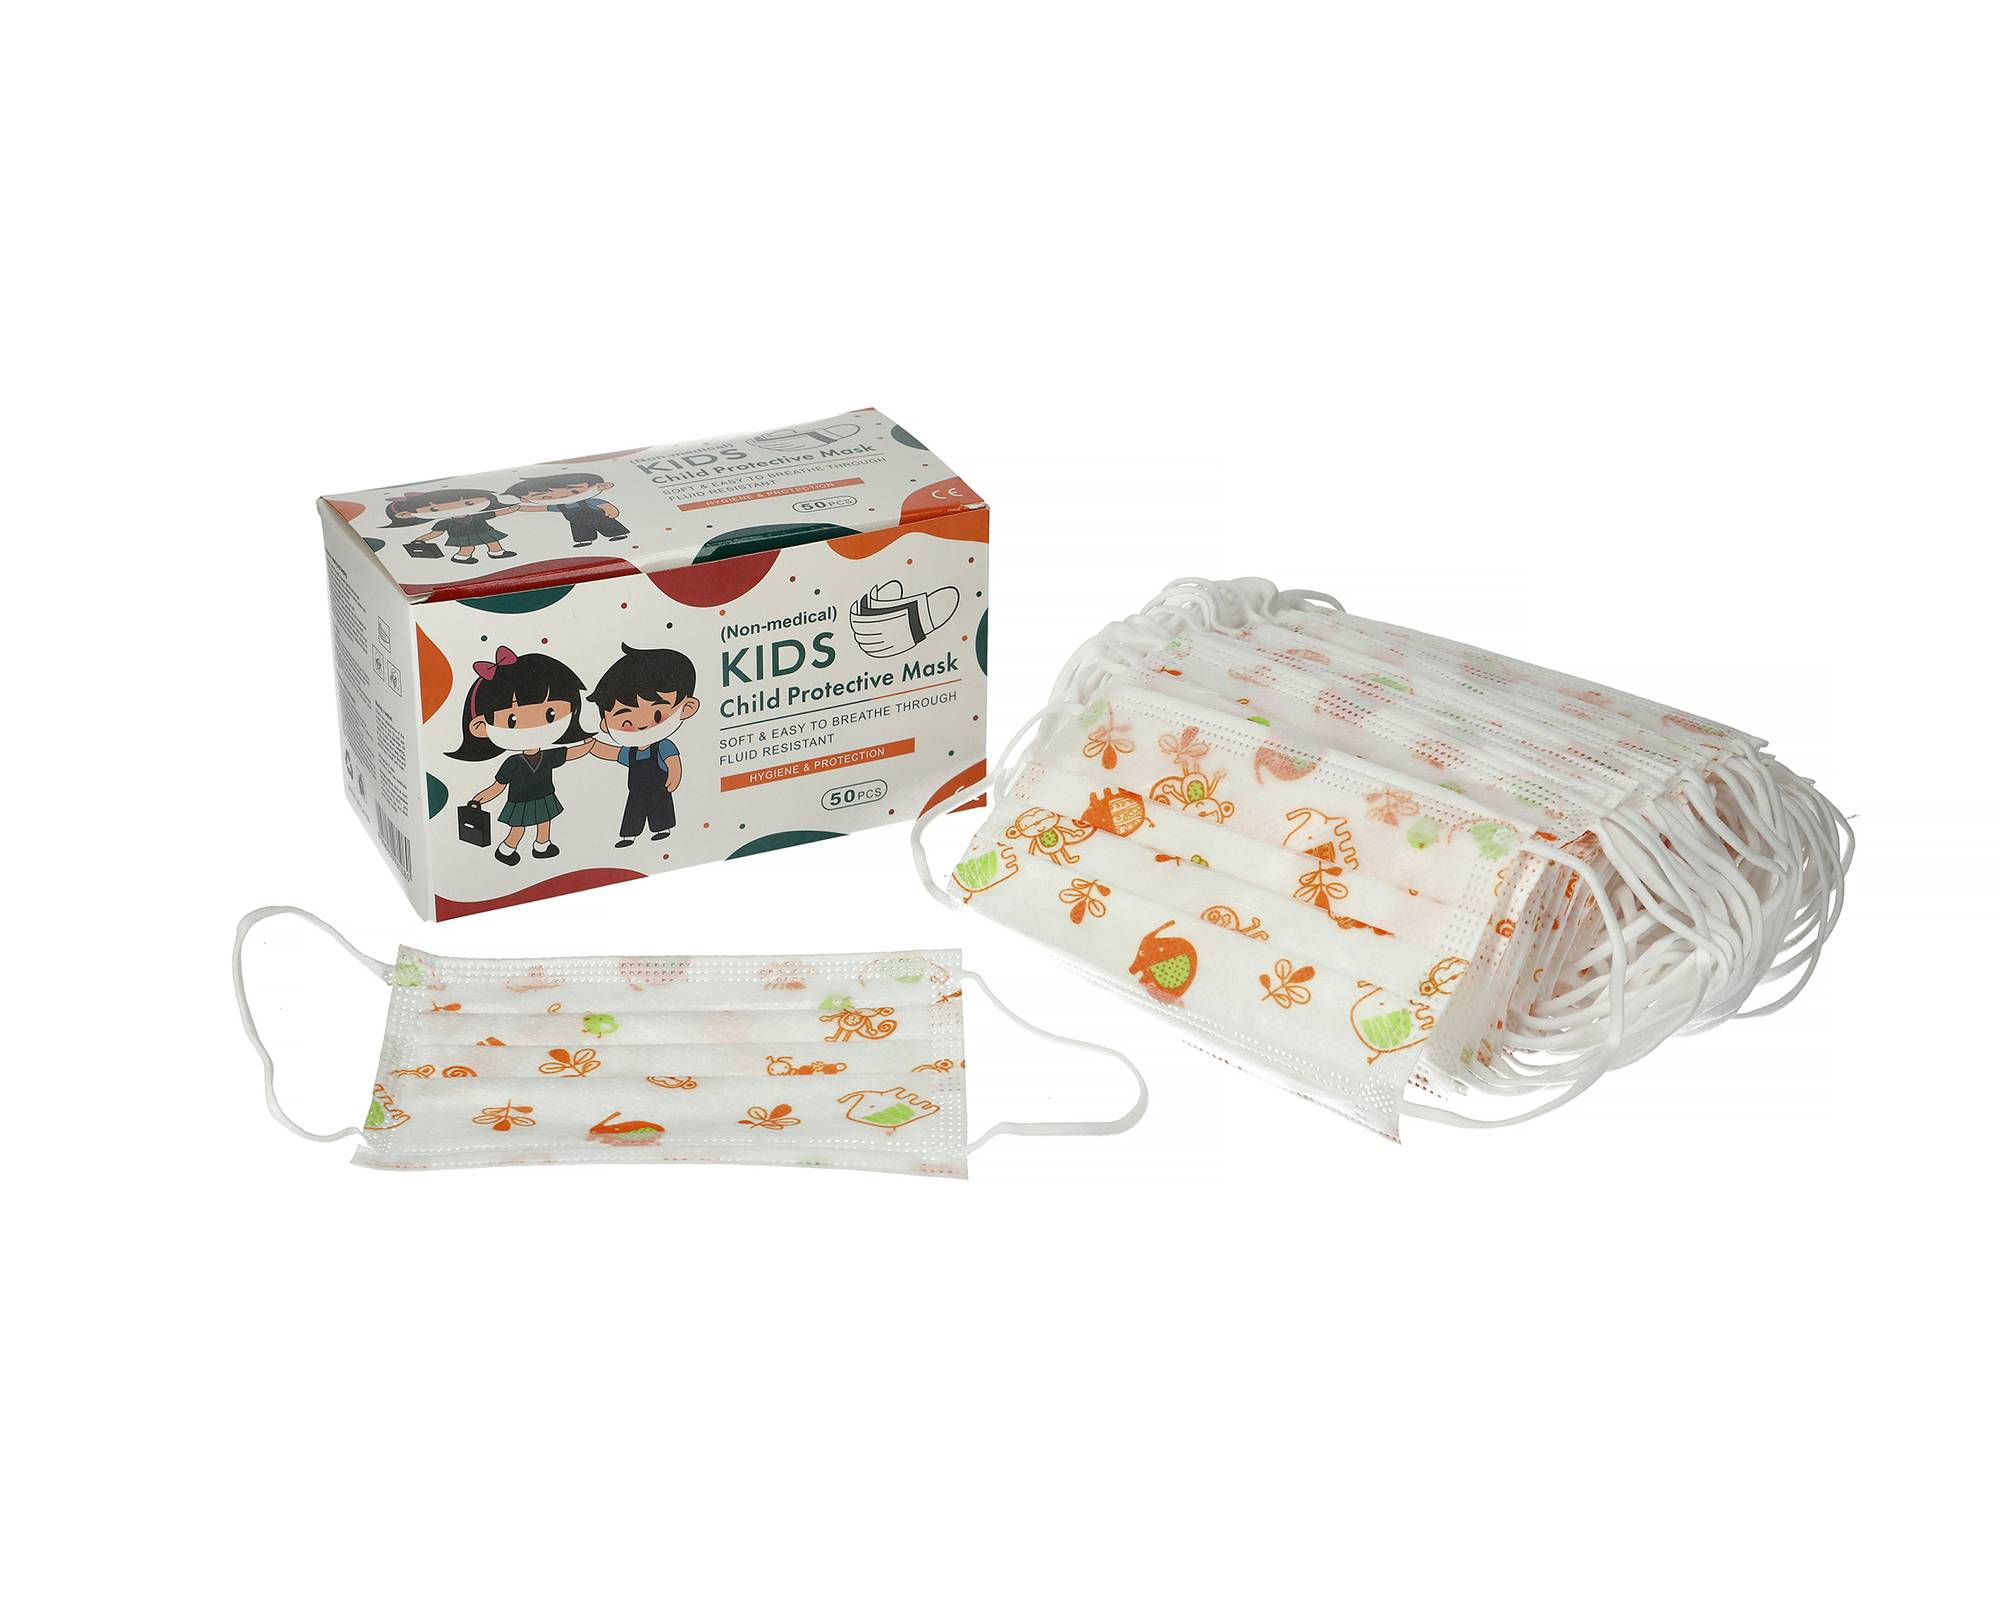 Masques enfants jetables 3 plis non médical boîte de 50 masques CE BFE supérieure à 95% - YINHONYUHE - MASQUES8